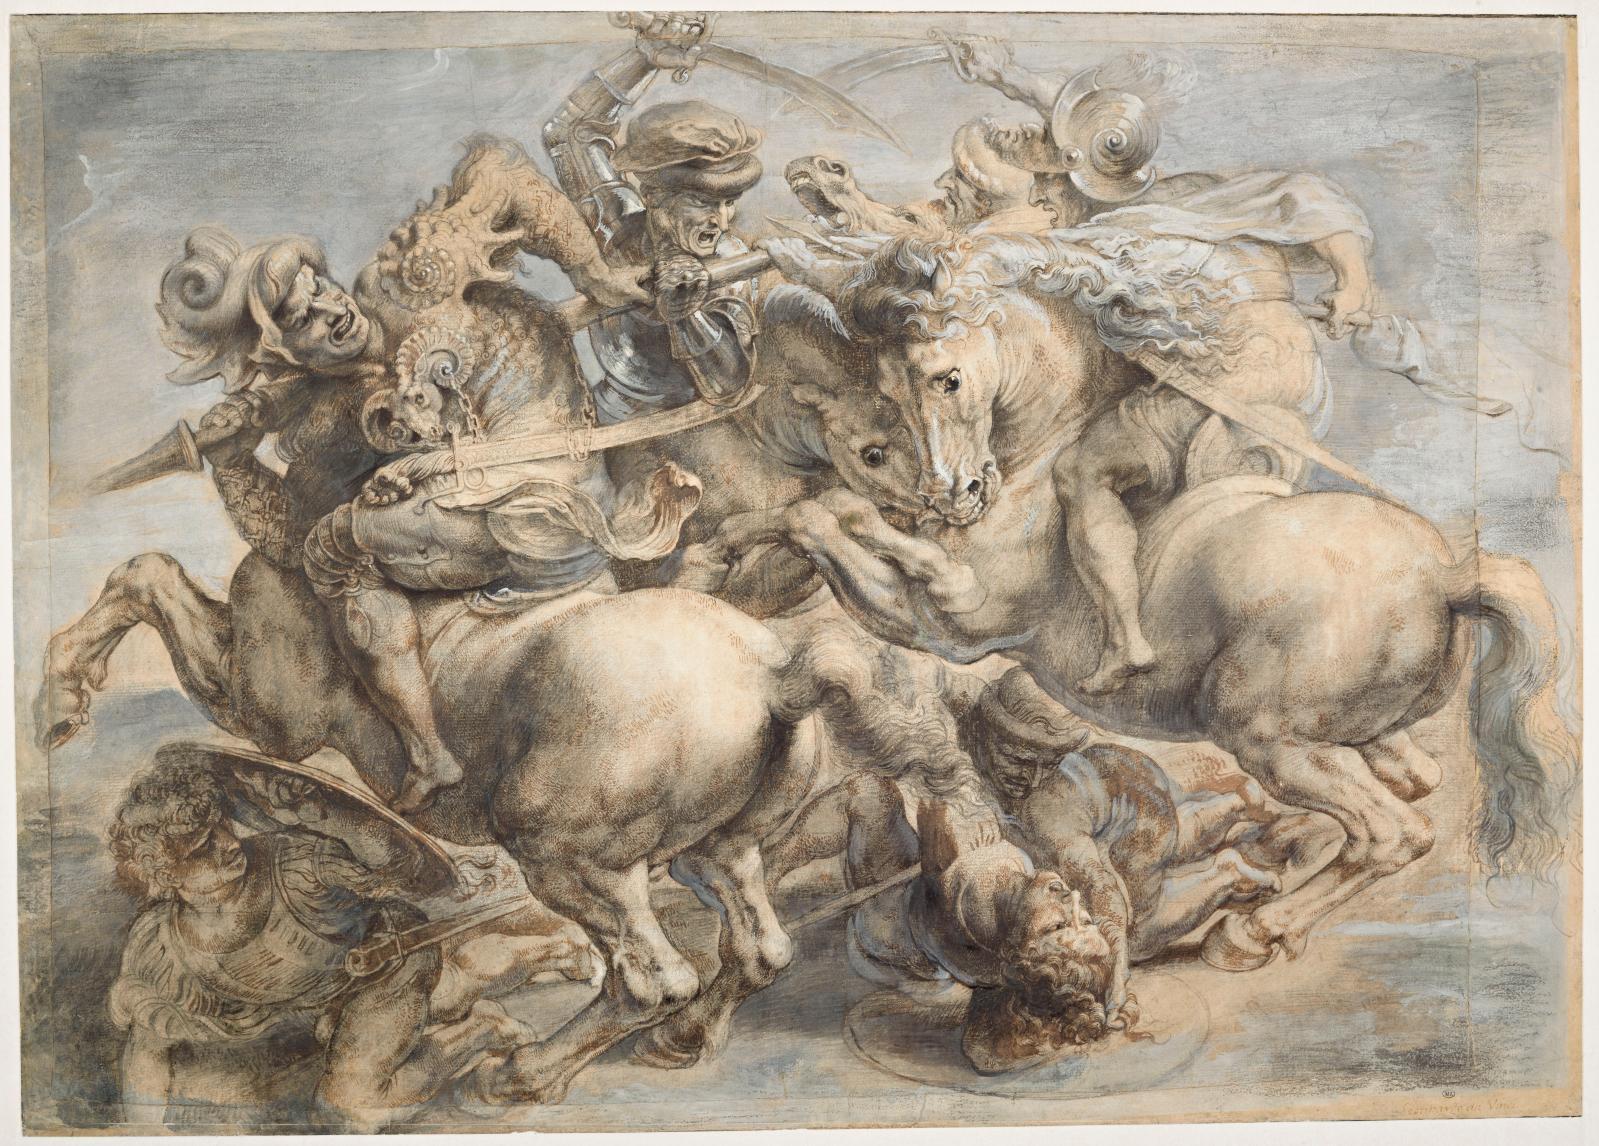 Pierre Paul Rubens(1577-1640), Copie d'après des dessins de Léonard deVinci pour la Bataille d'Anghiari, pierre noire, encre brune et gr